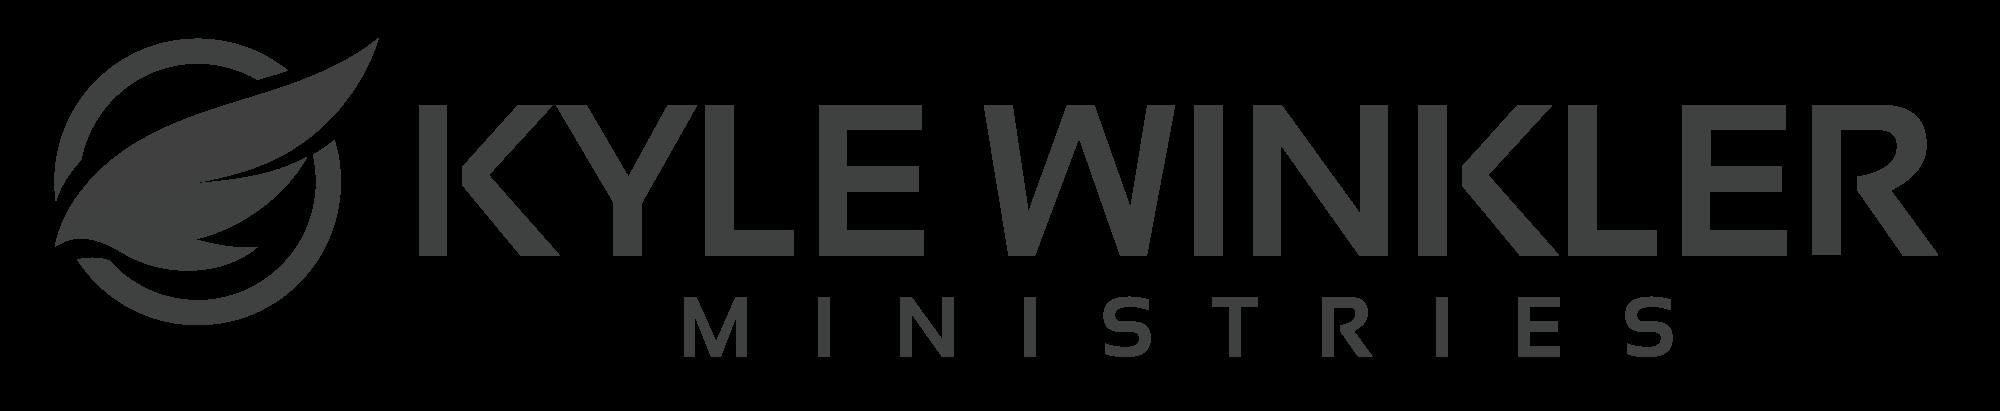 Kyle Winkler Ministries